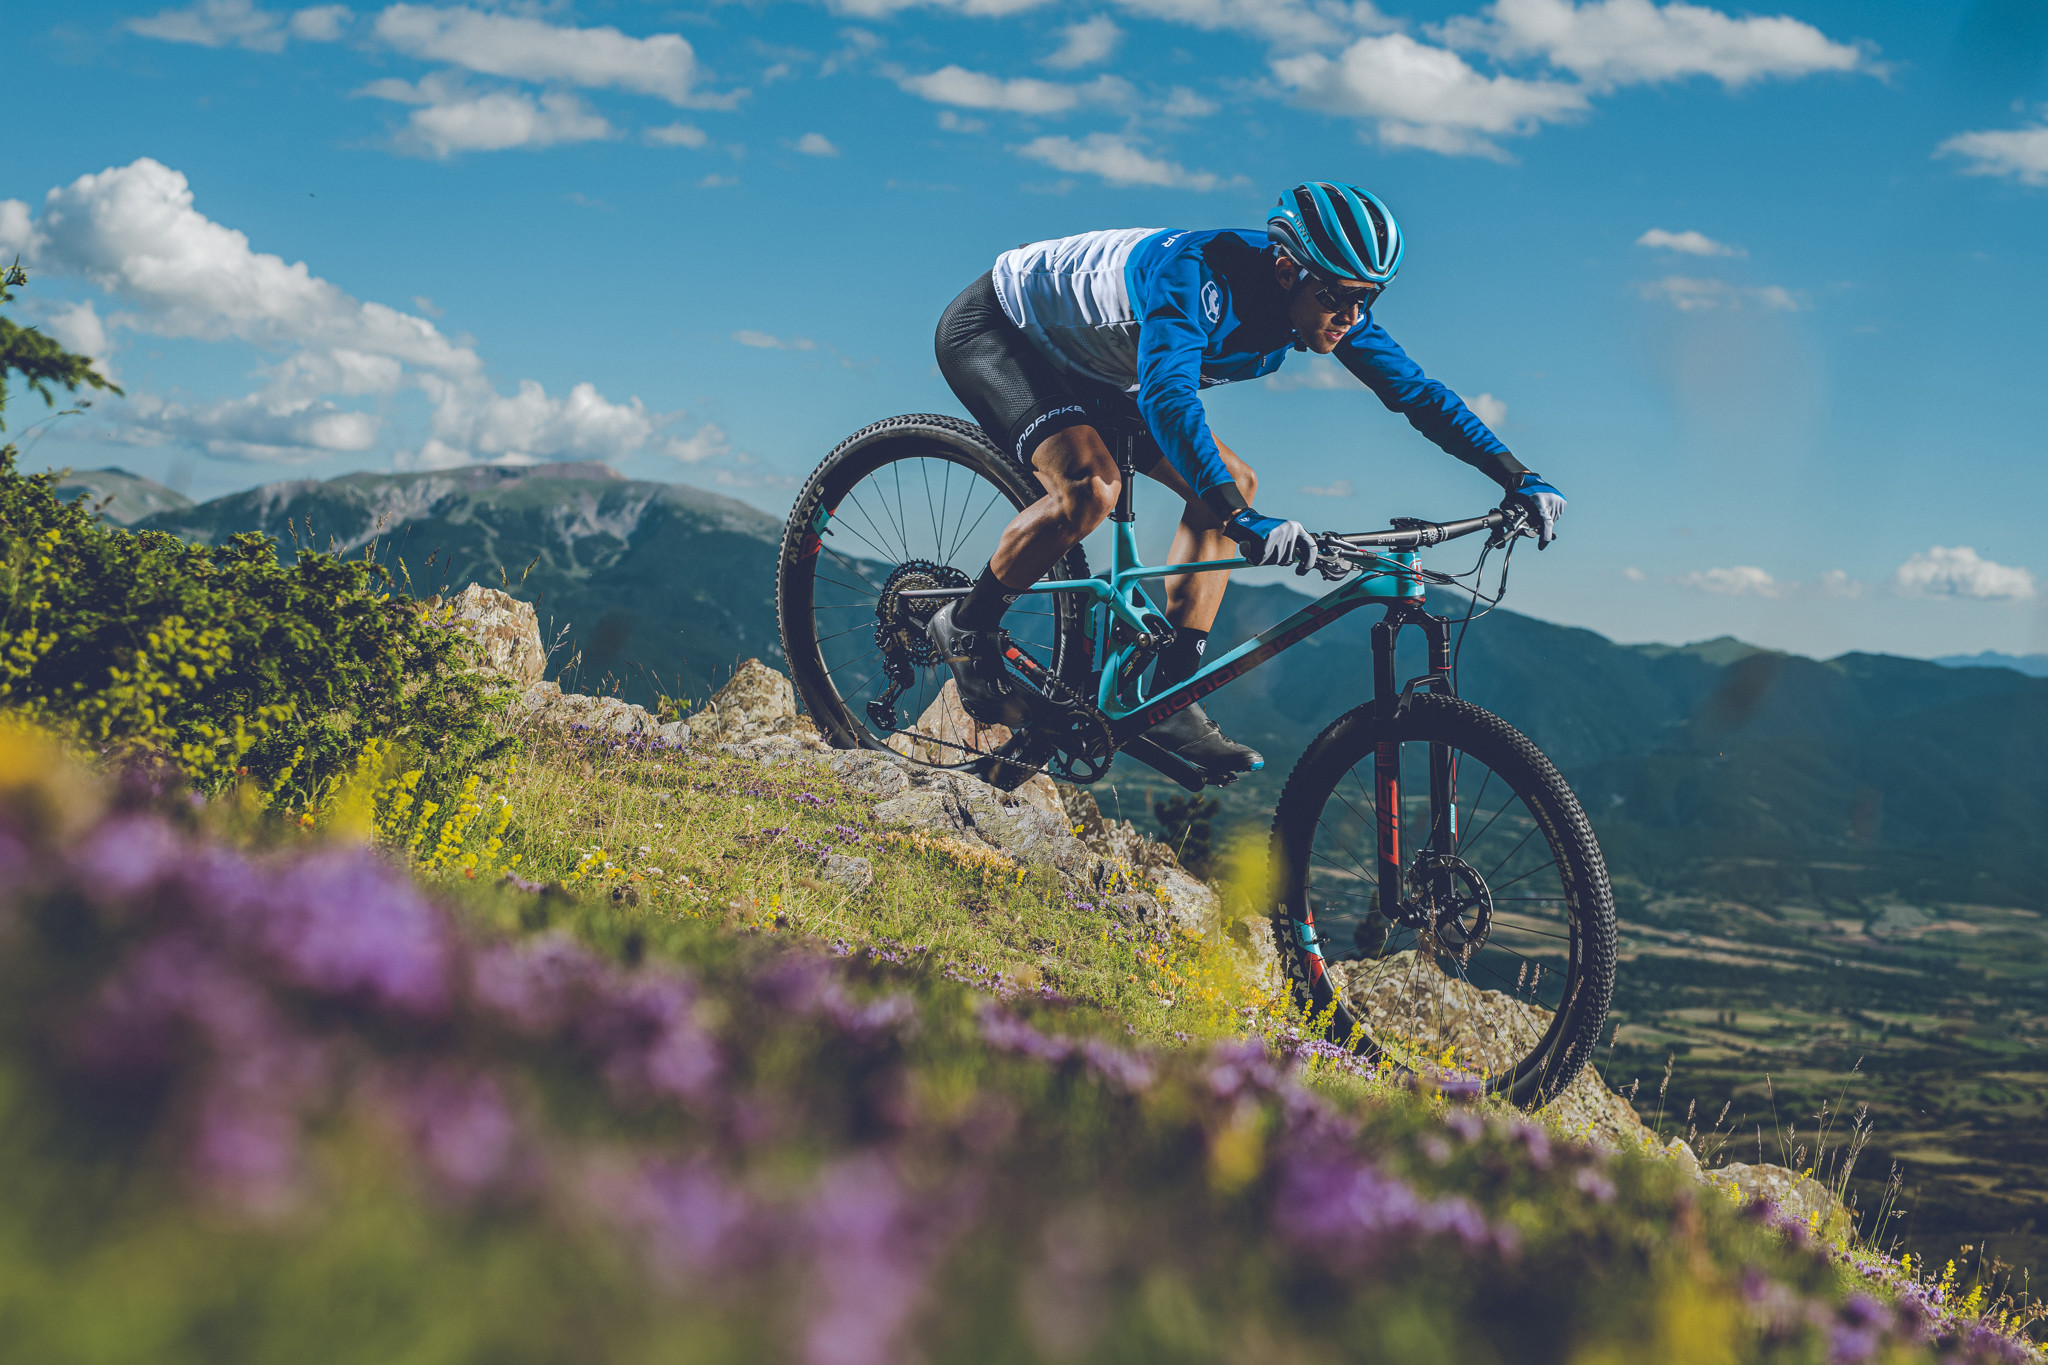 Mondraker_Bikes_Onlineshop_Saarland